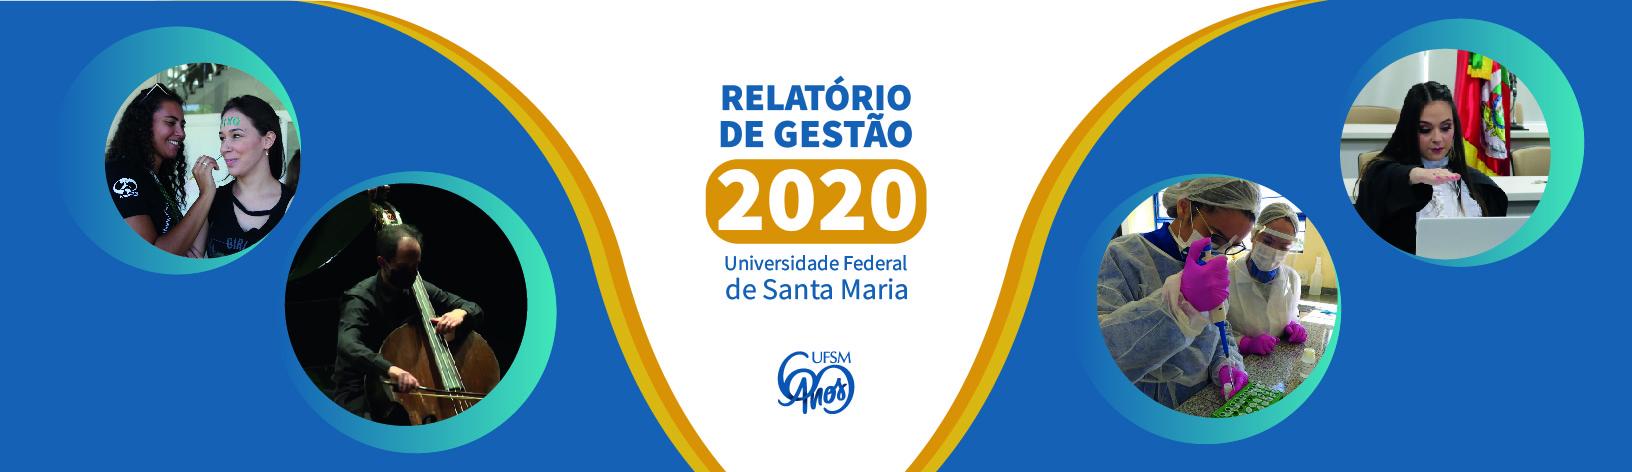 Relatório de gestão 2020 Universidade Federal de Santa Maria